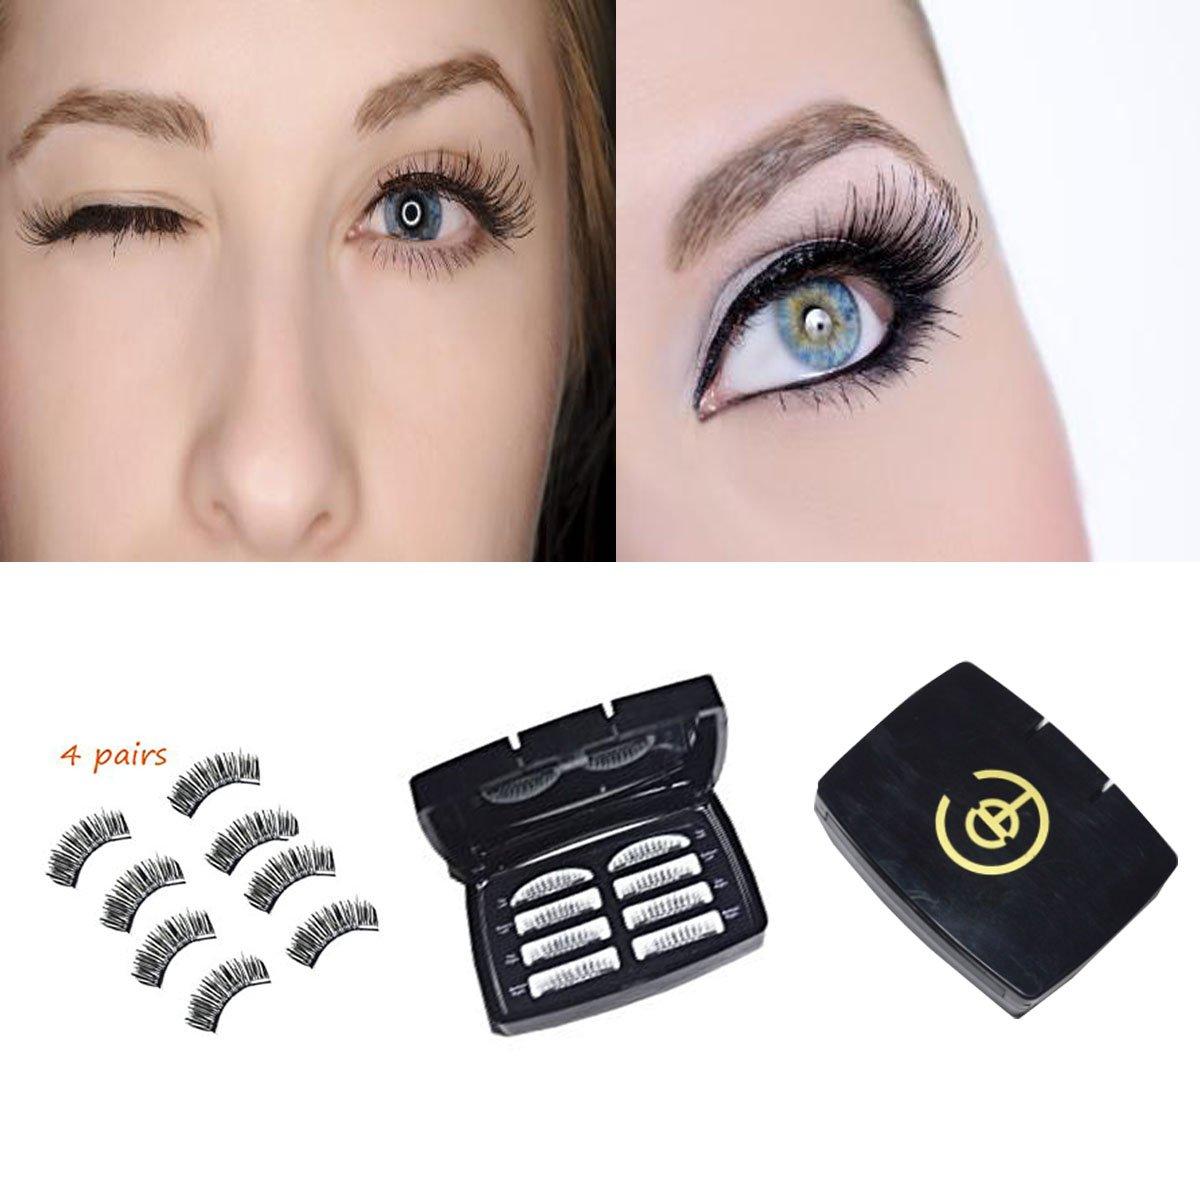 Amazon 4 Pairs Natural Magnetic False Eyelashes Multipack